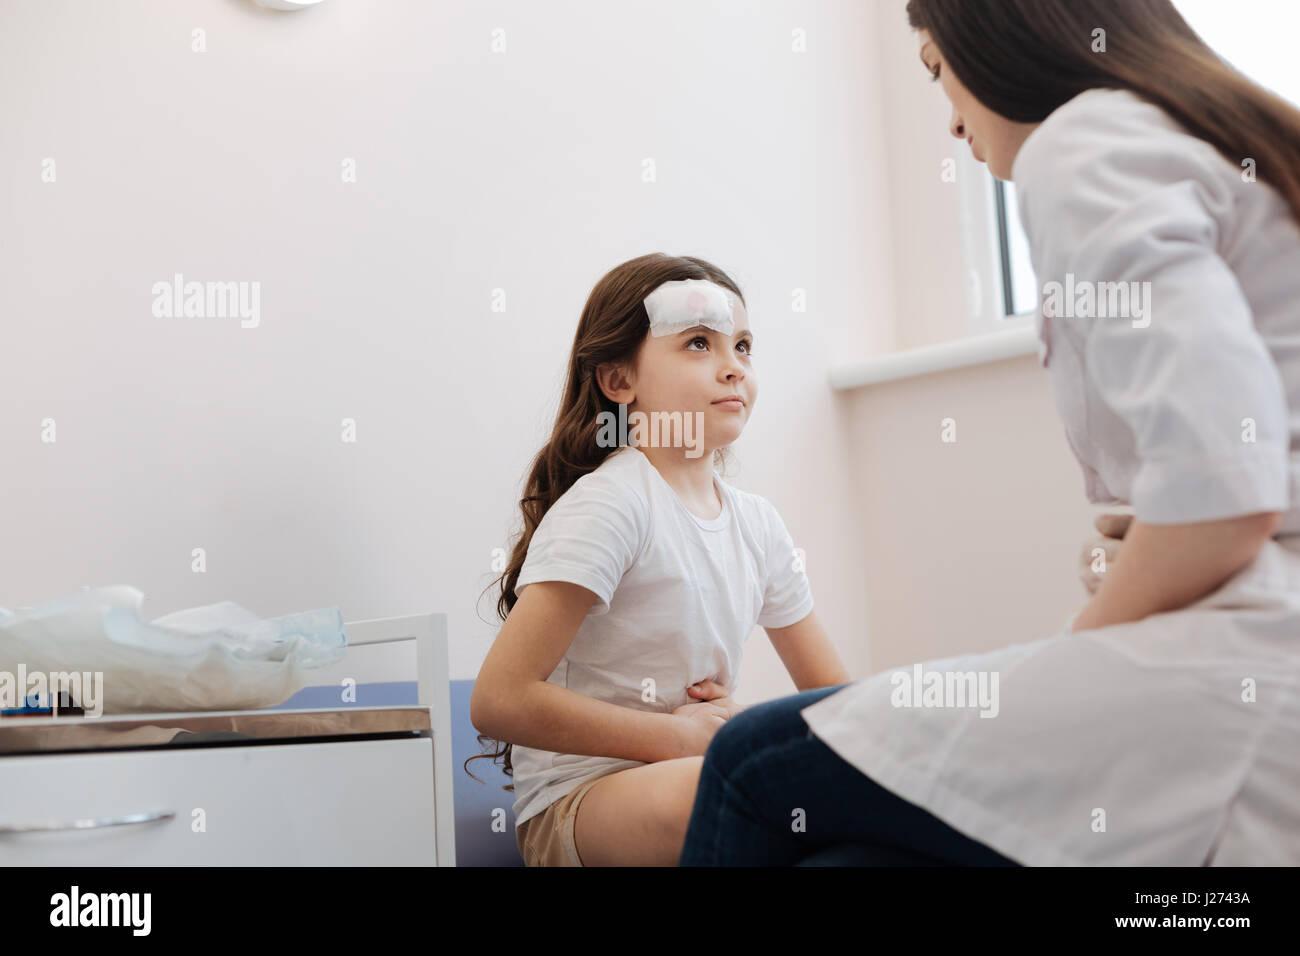 Cheerless sad girl having stomachache - Stock Image